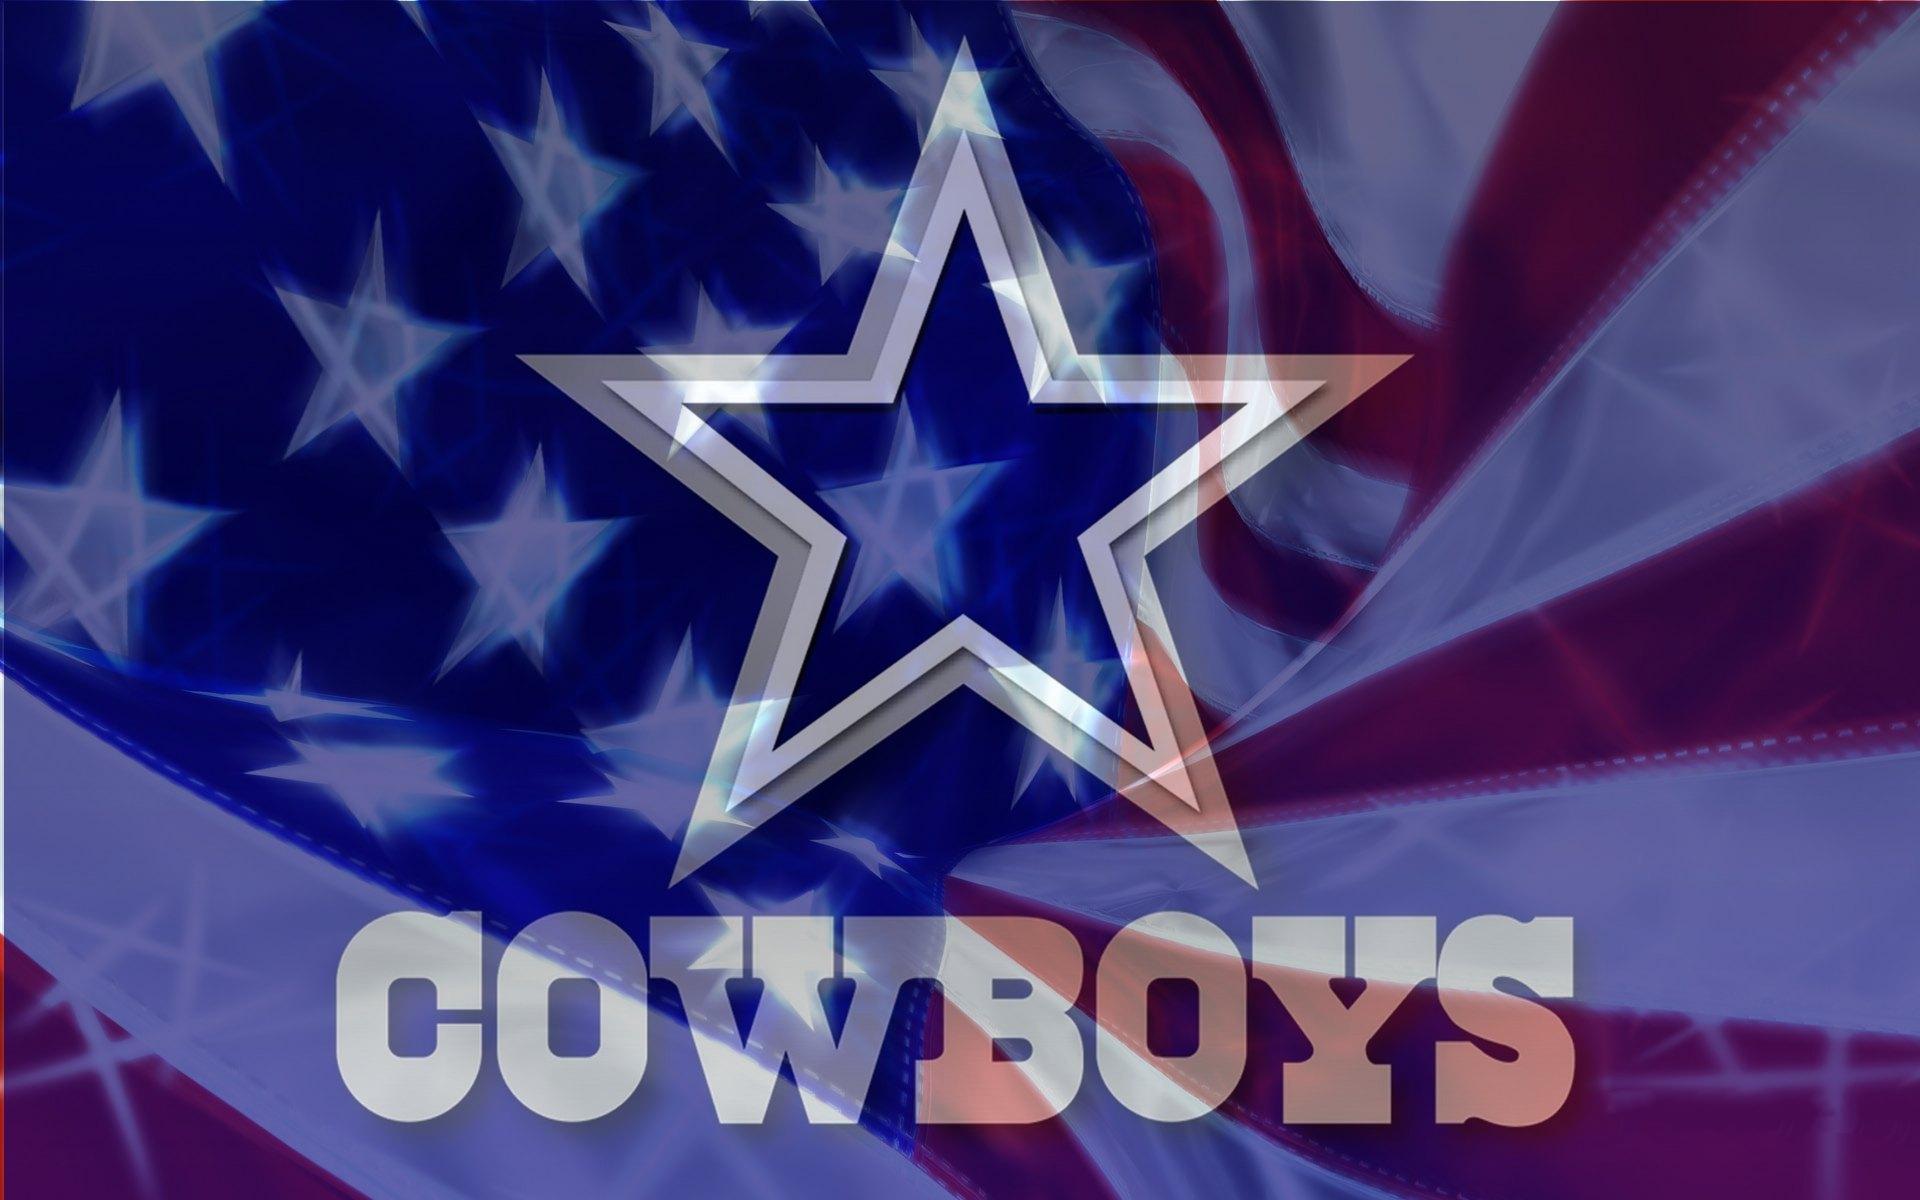 Dallas Cowboys Superman Logo